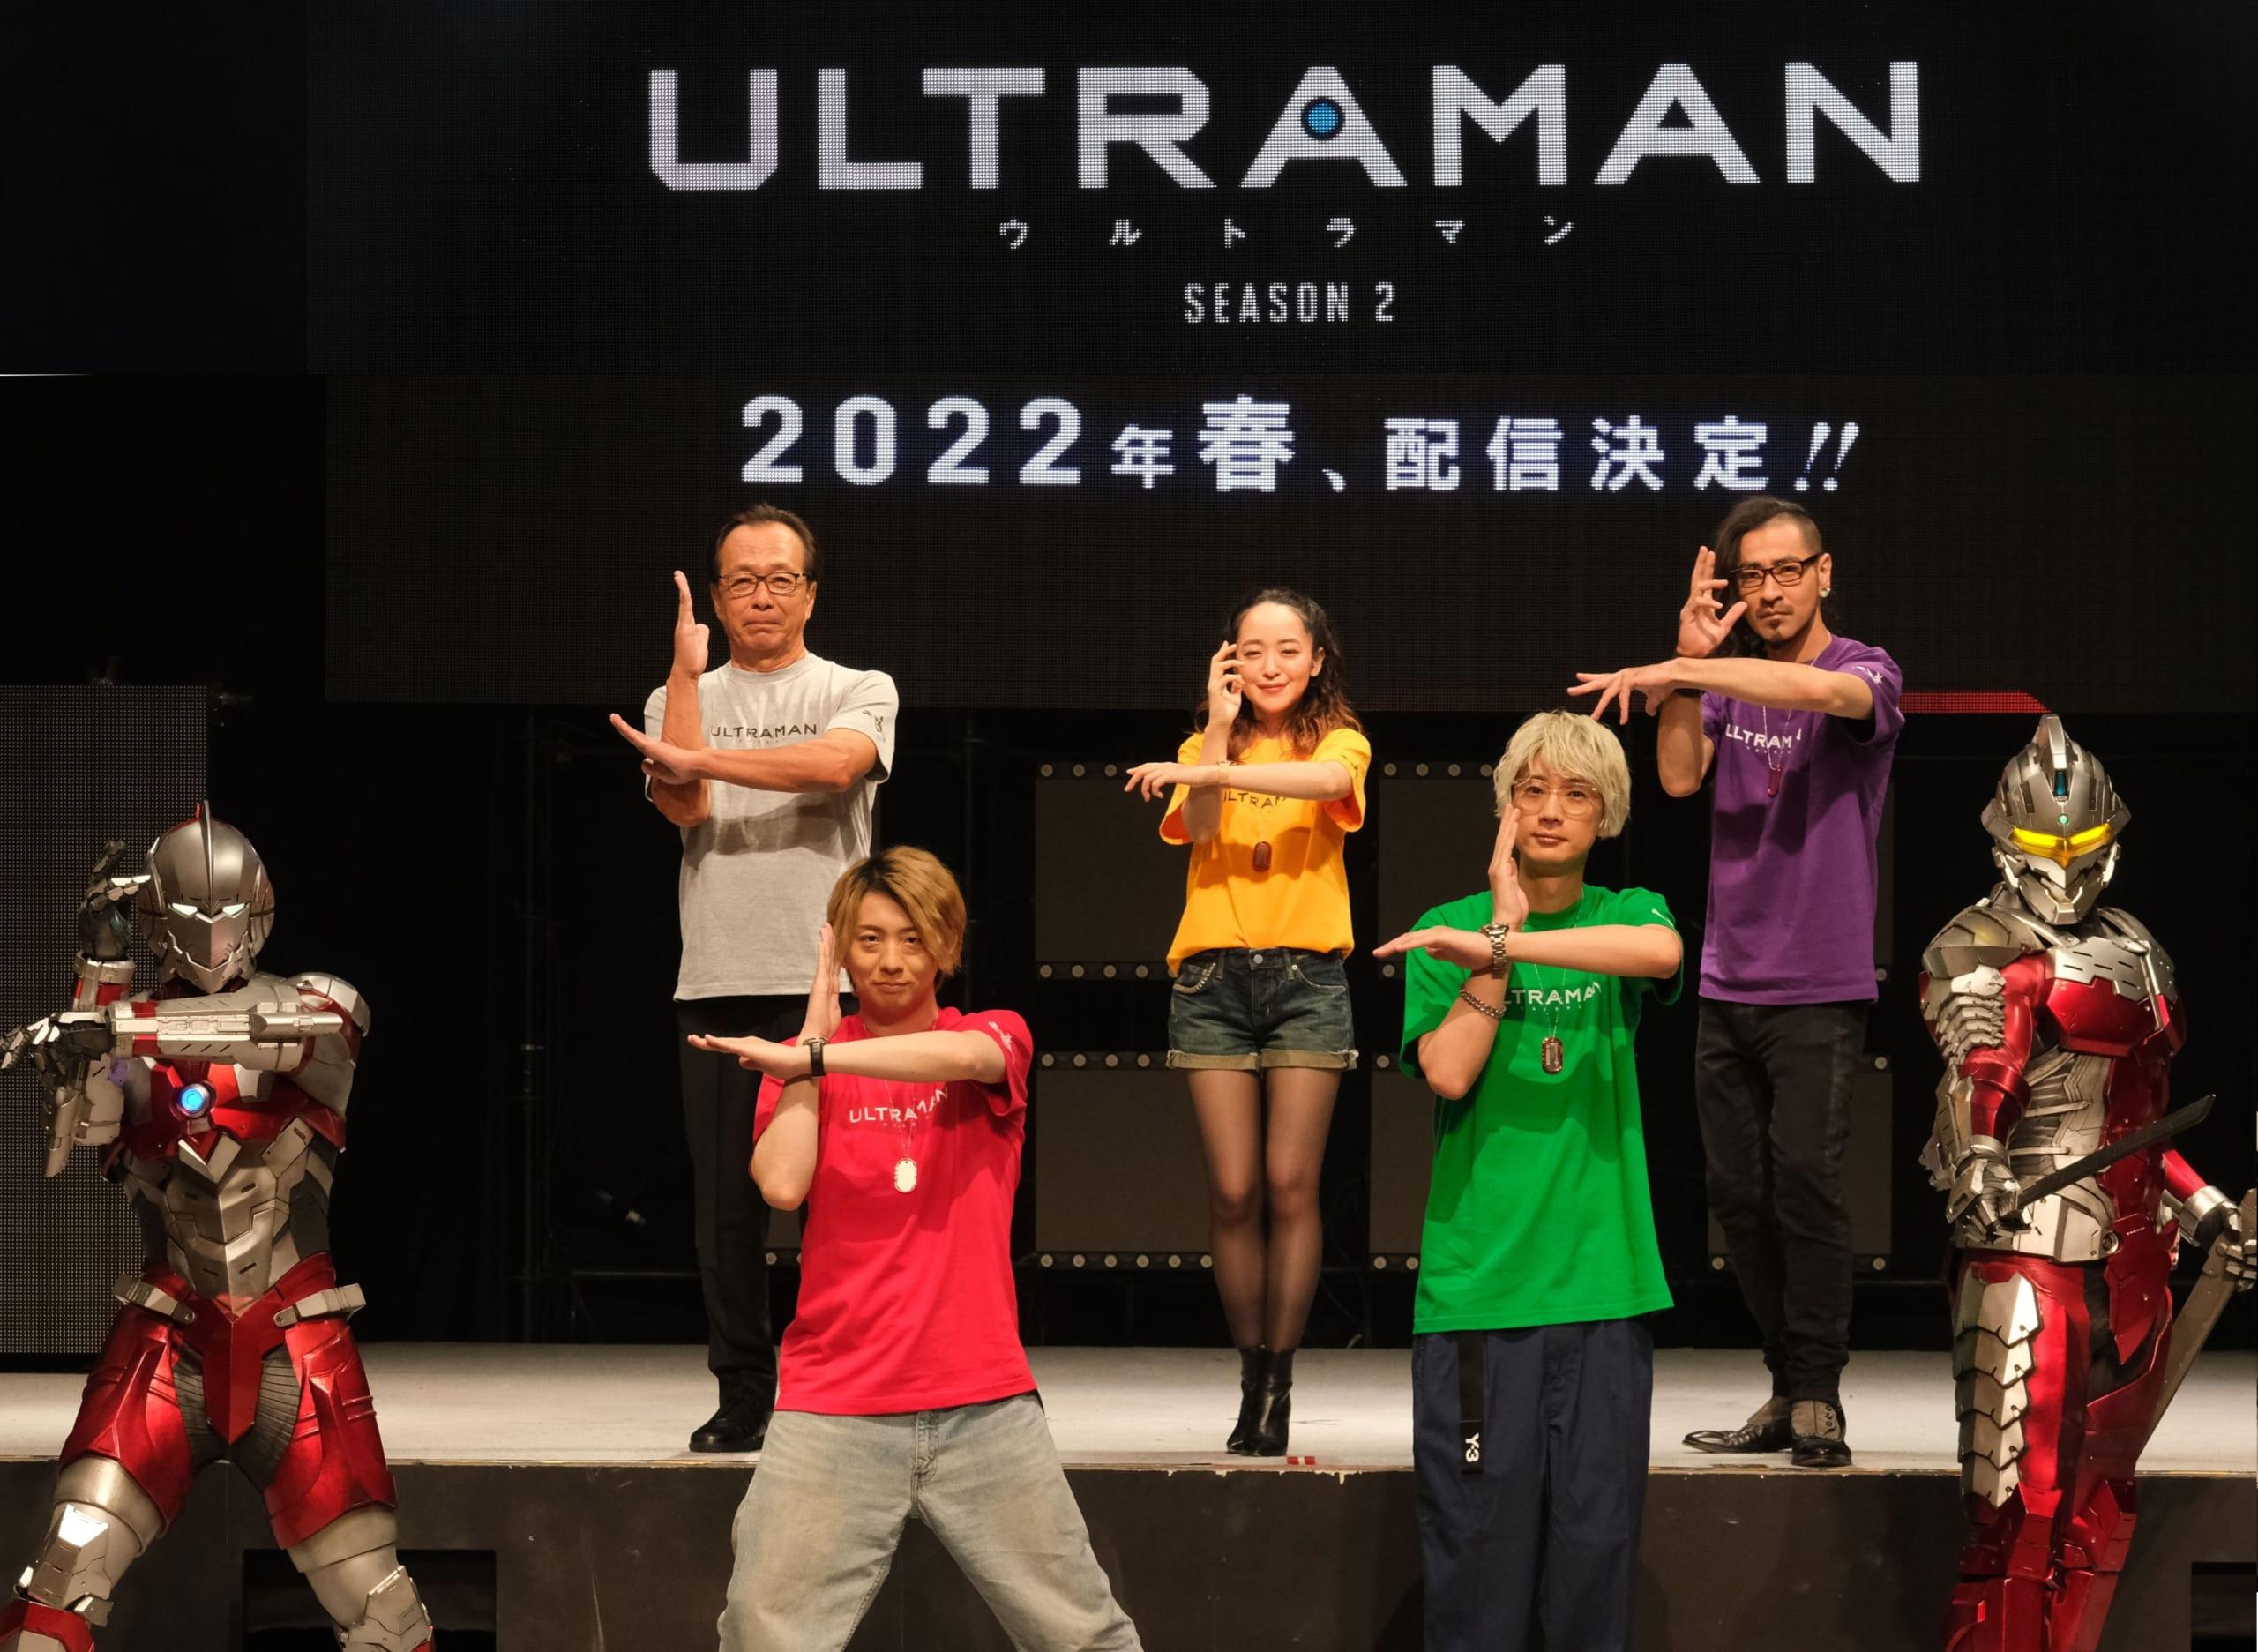 アニメ「ULTRAMAN」木村良平さん・江口拓也さんら声優陣登壇のイベントレポート到着!キャストコメントも